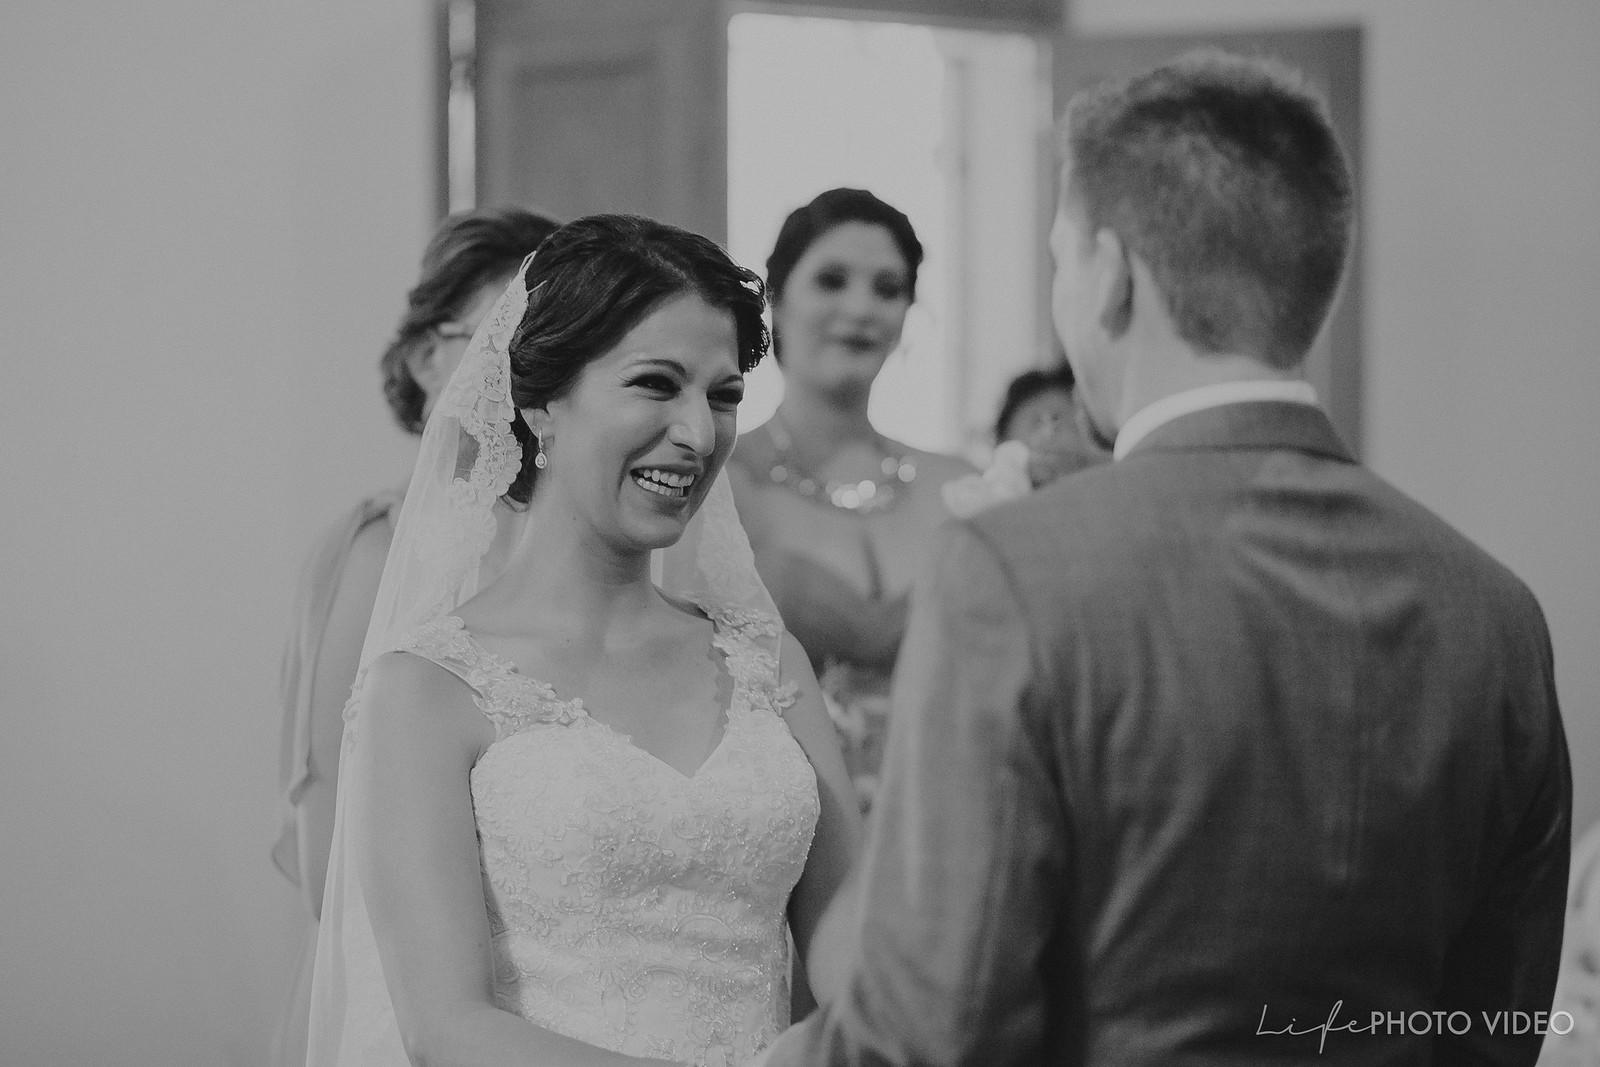 LifePhotoVideo_Boda_LeonGto_Wedding_0036.jpg